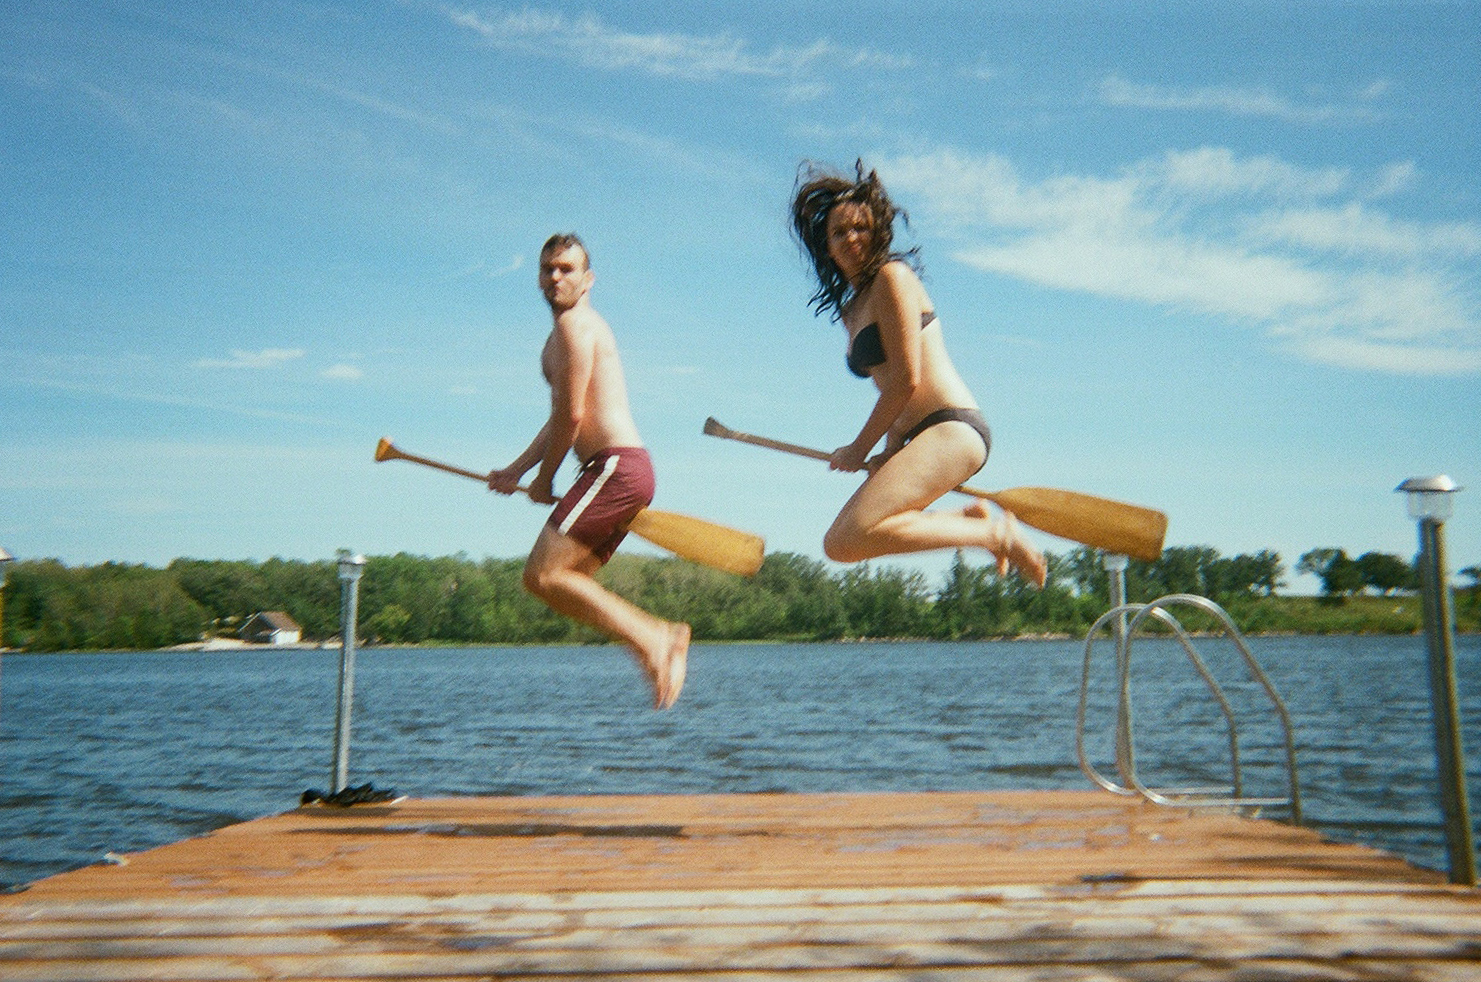 Flying at the Lake